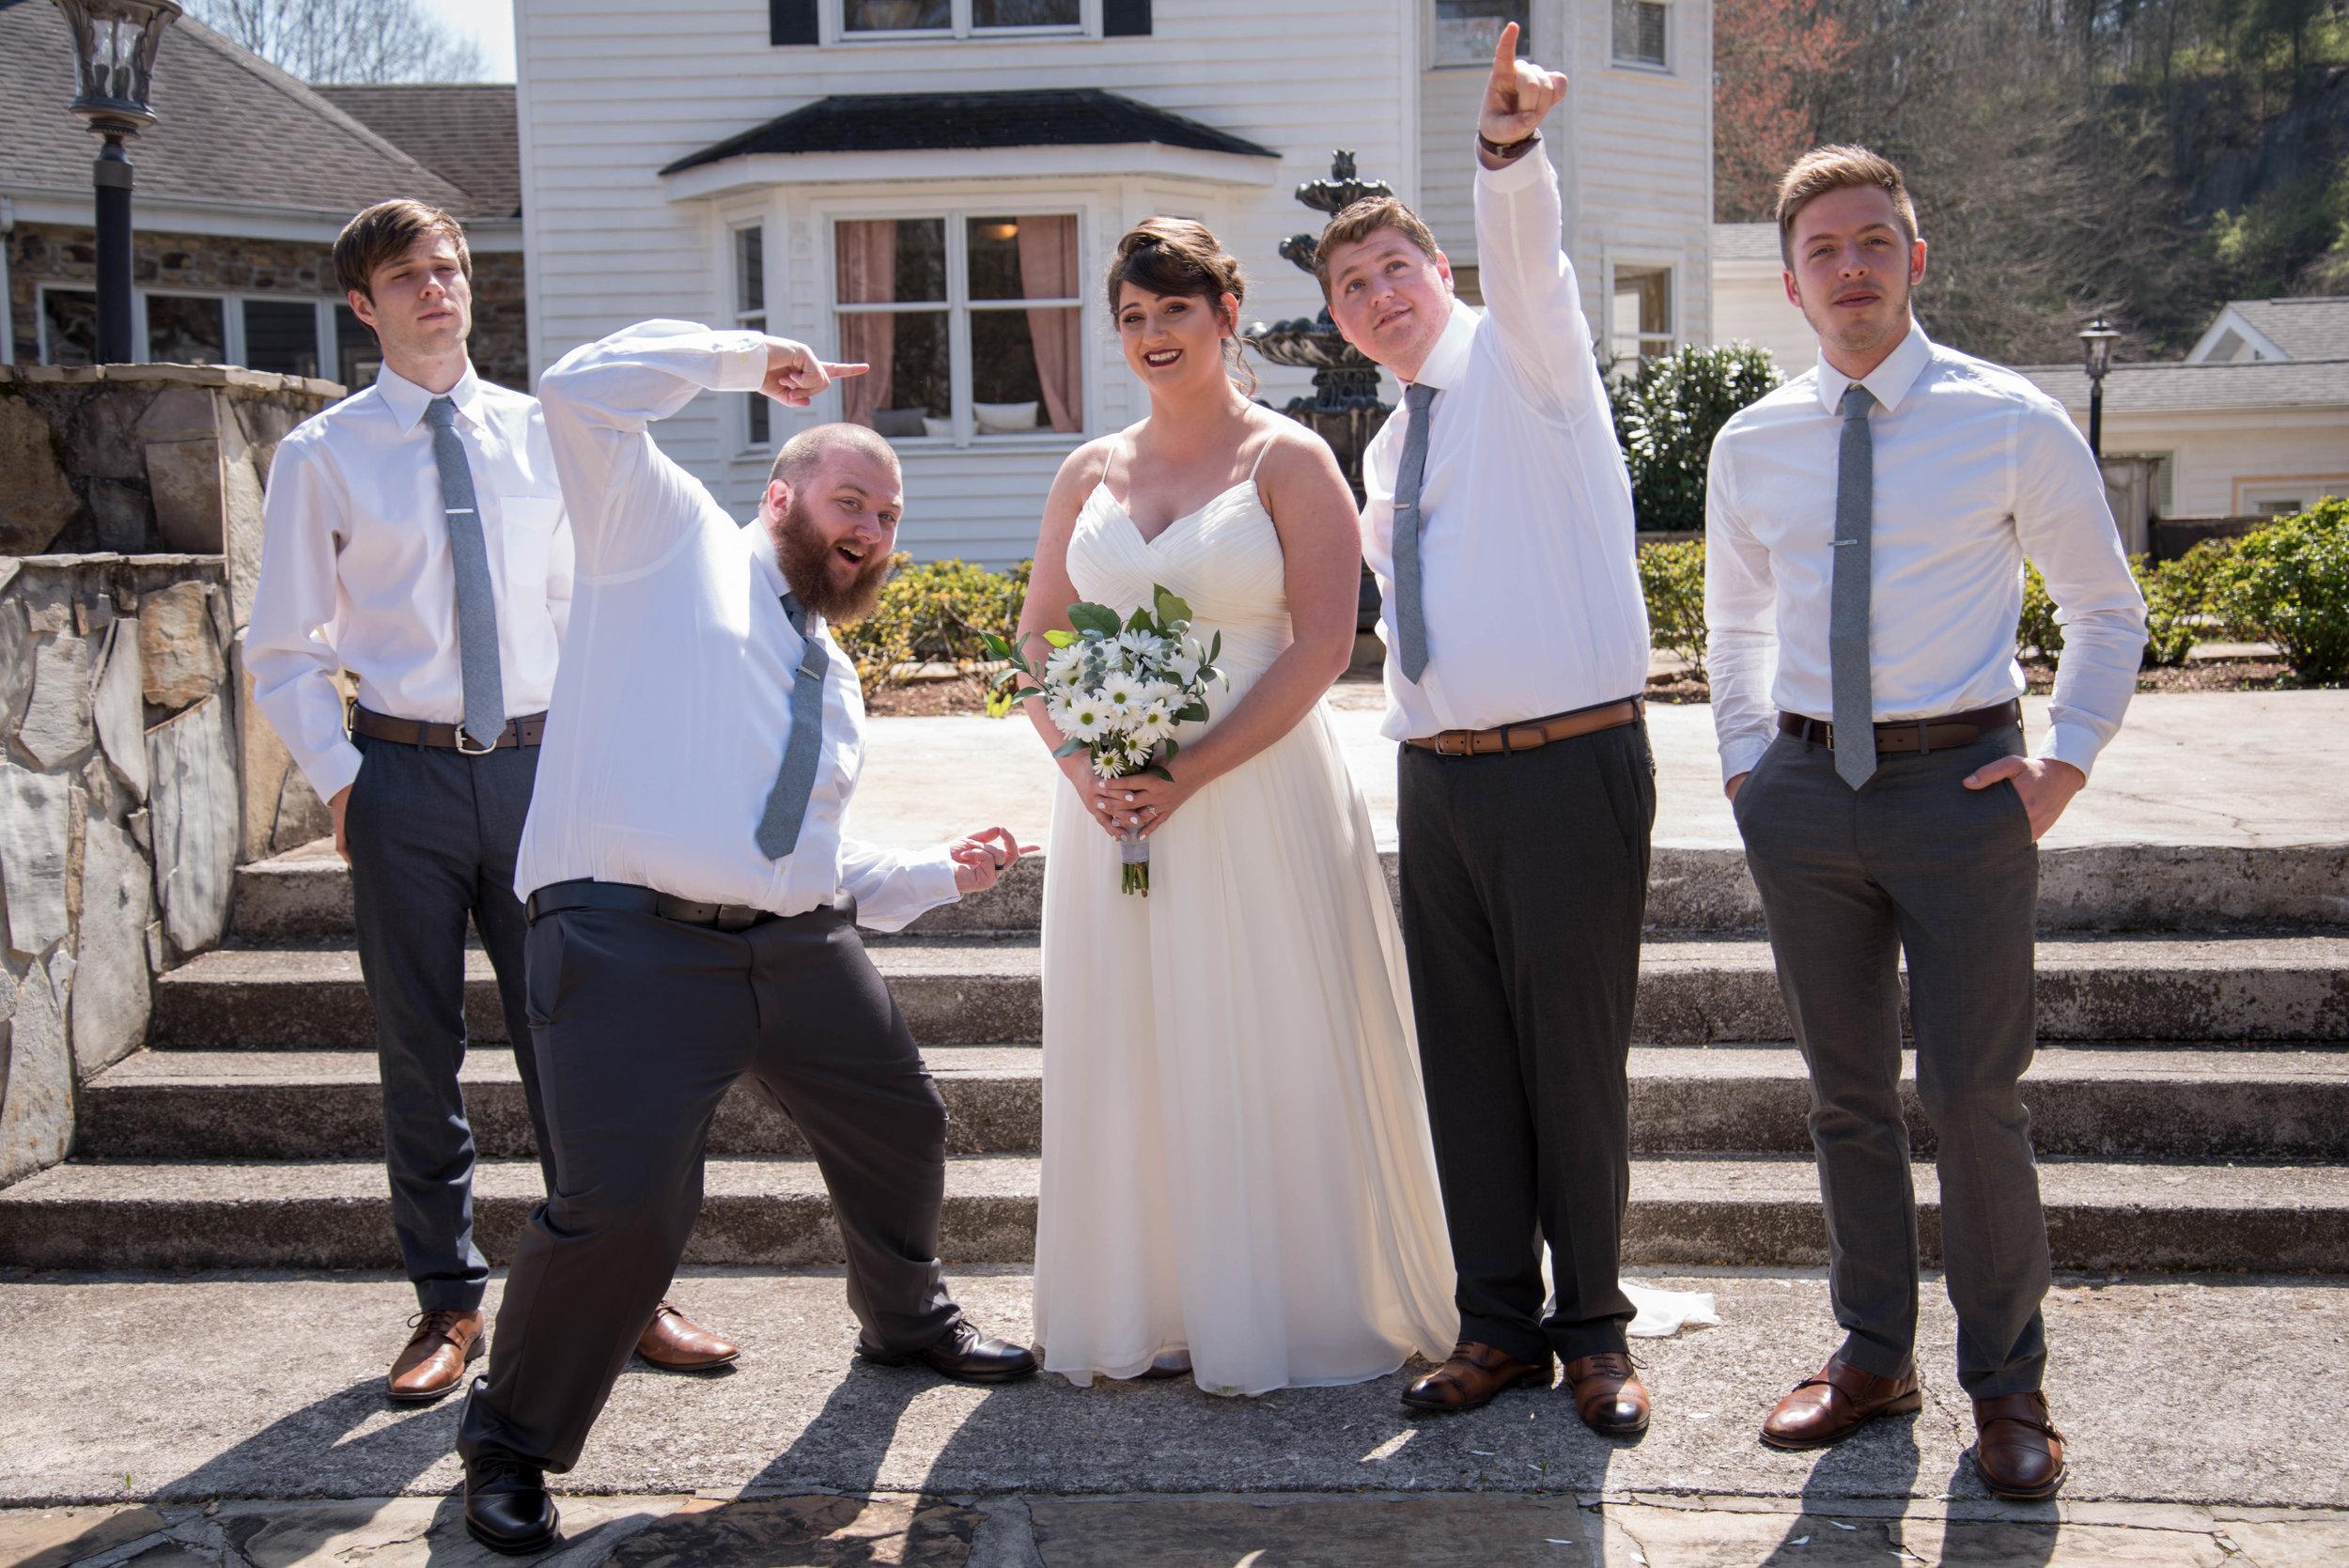 weddingparty-078.jpg